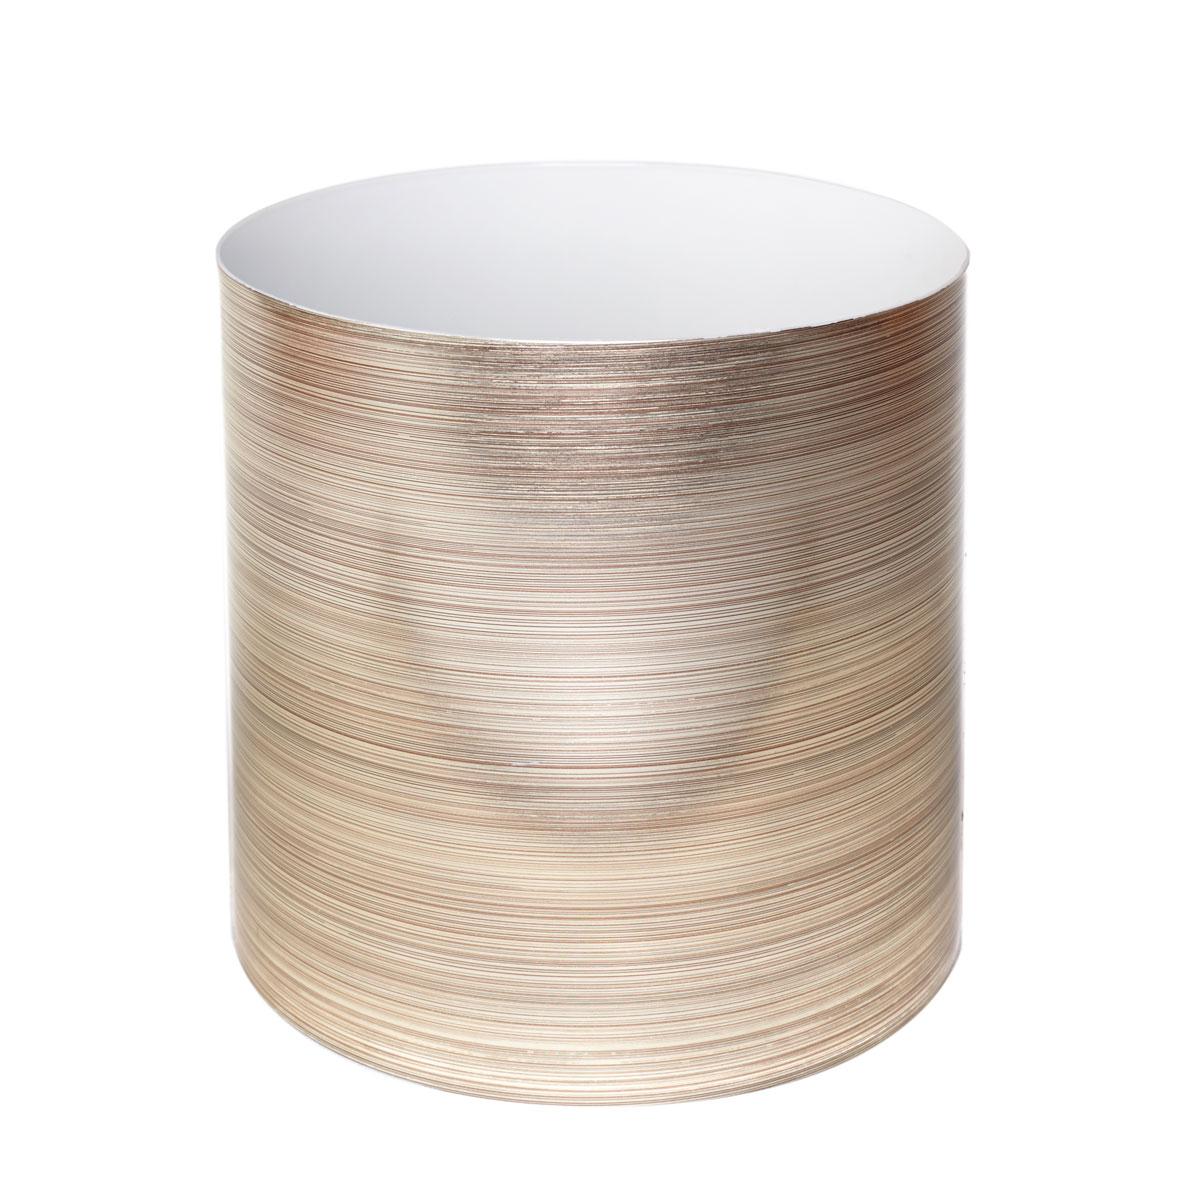 Горшок для цветов Miolla Золото со скрытым поддоном, 2,8лSMG-49Декоративный горшочек Miolla c 3D рисунком. Хорошо будут смотреться как основа для топиариев и флористических композиций. А так же замечательно для комнатных цветов. Со скрытым поддоном.